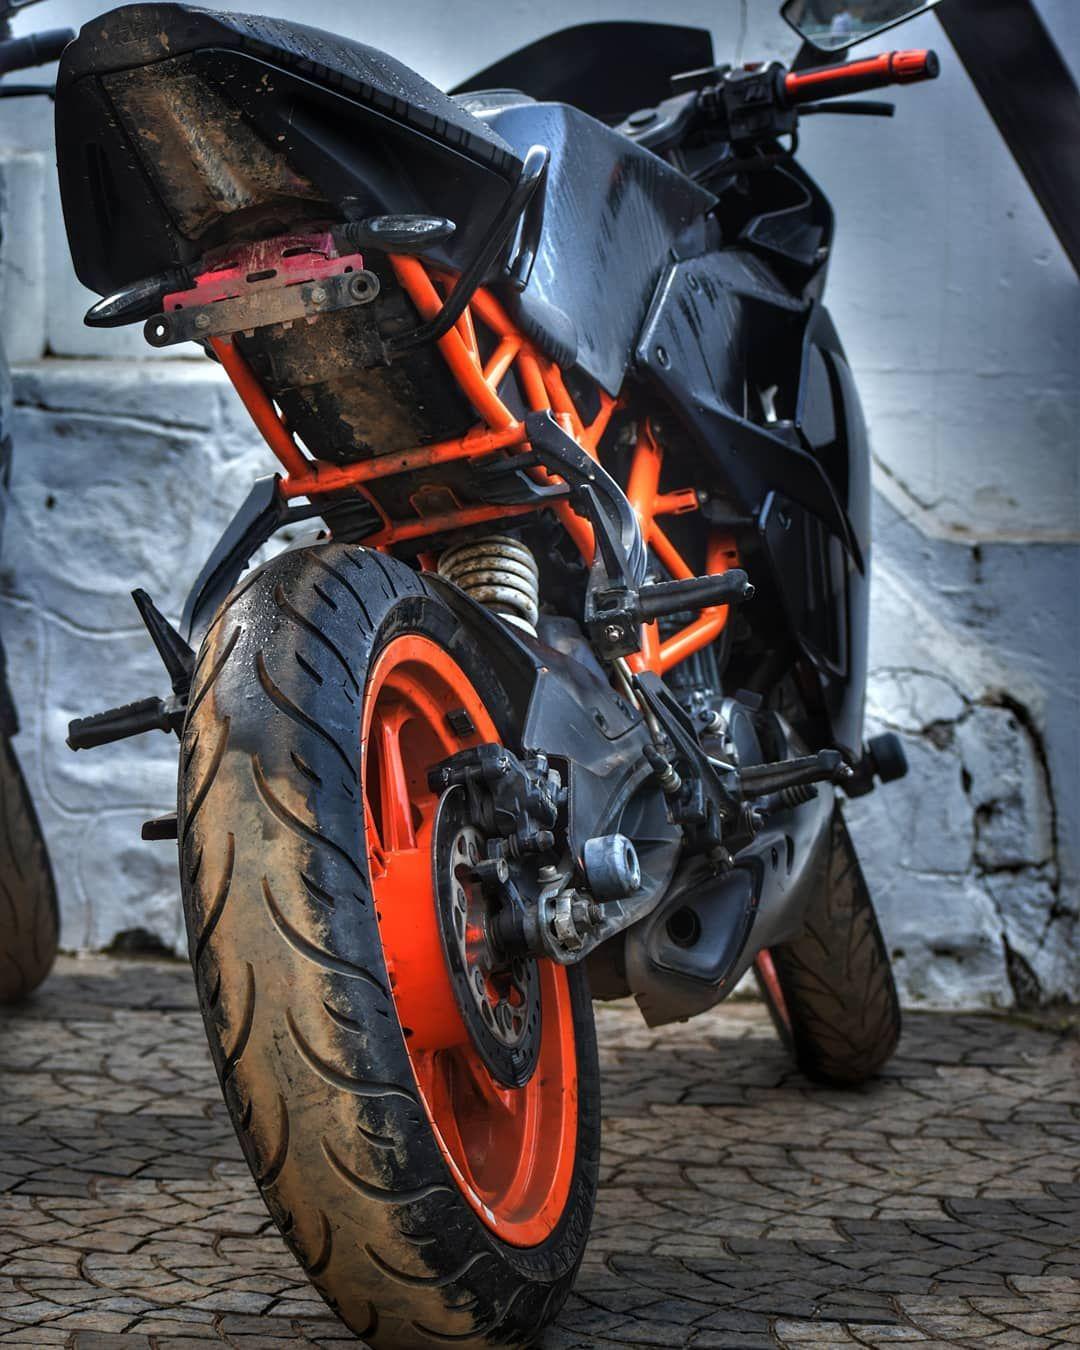 Pin by ŚHÃİķH Břő on Wallpapers Super bikes, Ktm rc